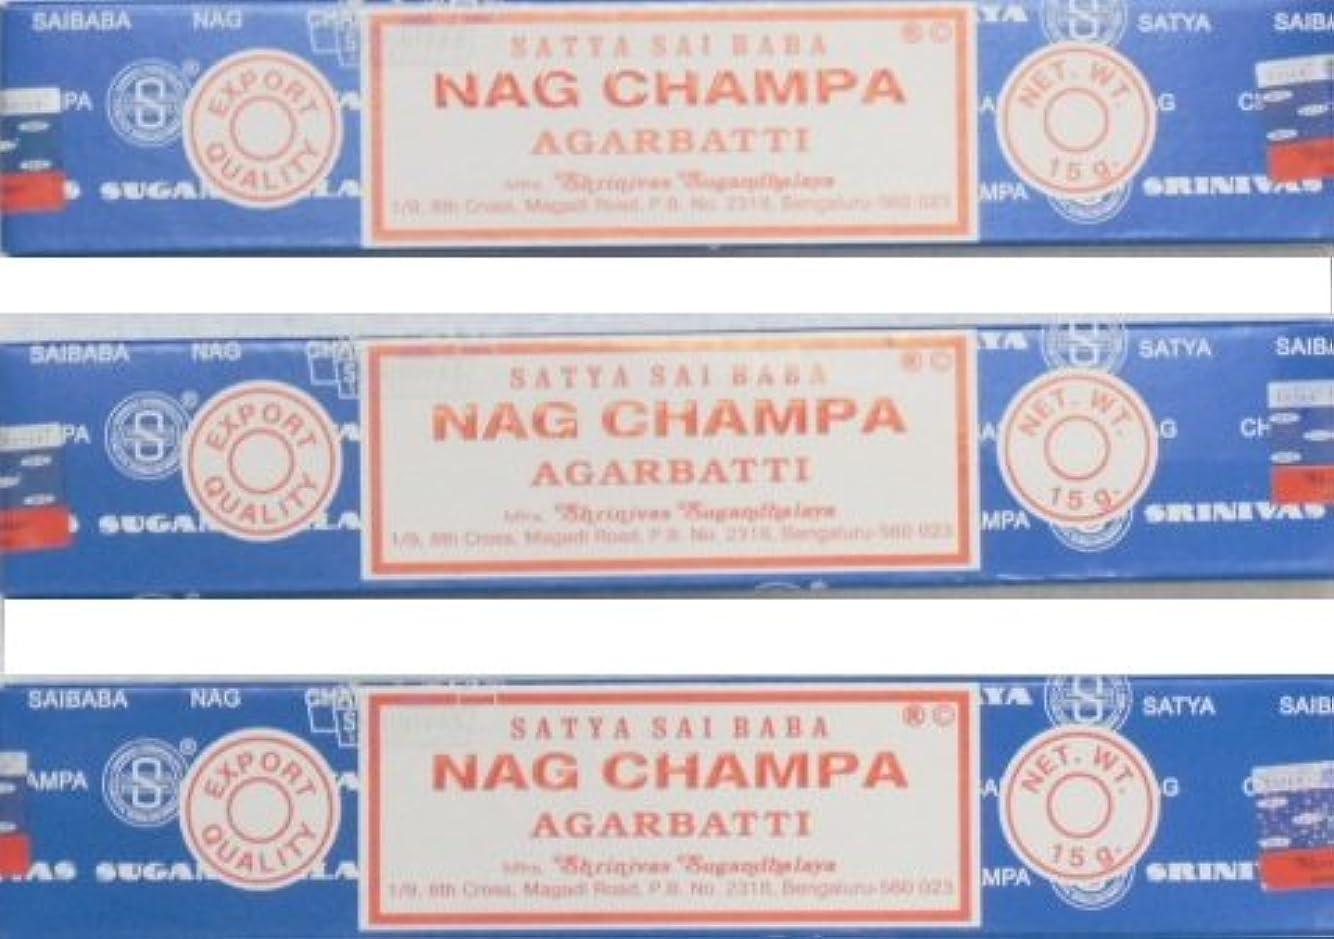 物理的な早熟市の花サイババナグチャンパ香15g 3箱セット SATYA-02